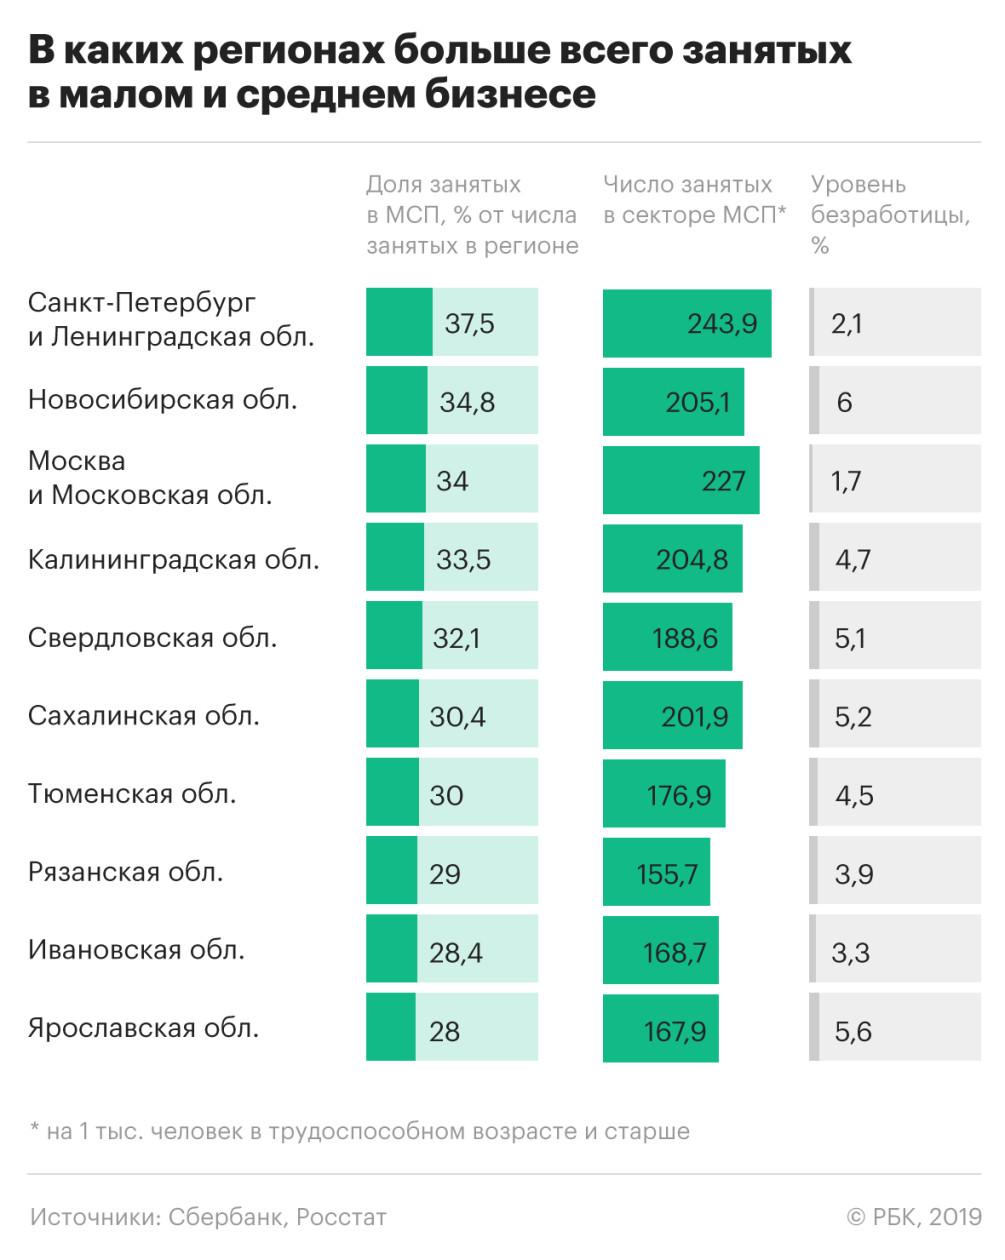 Как прожить на пенсию в 10000 рублей 2019 году новосибирске